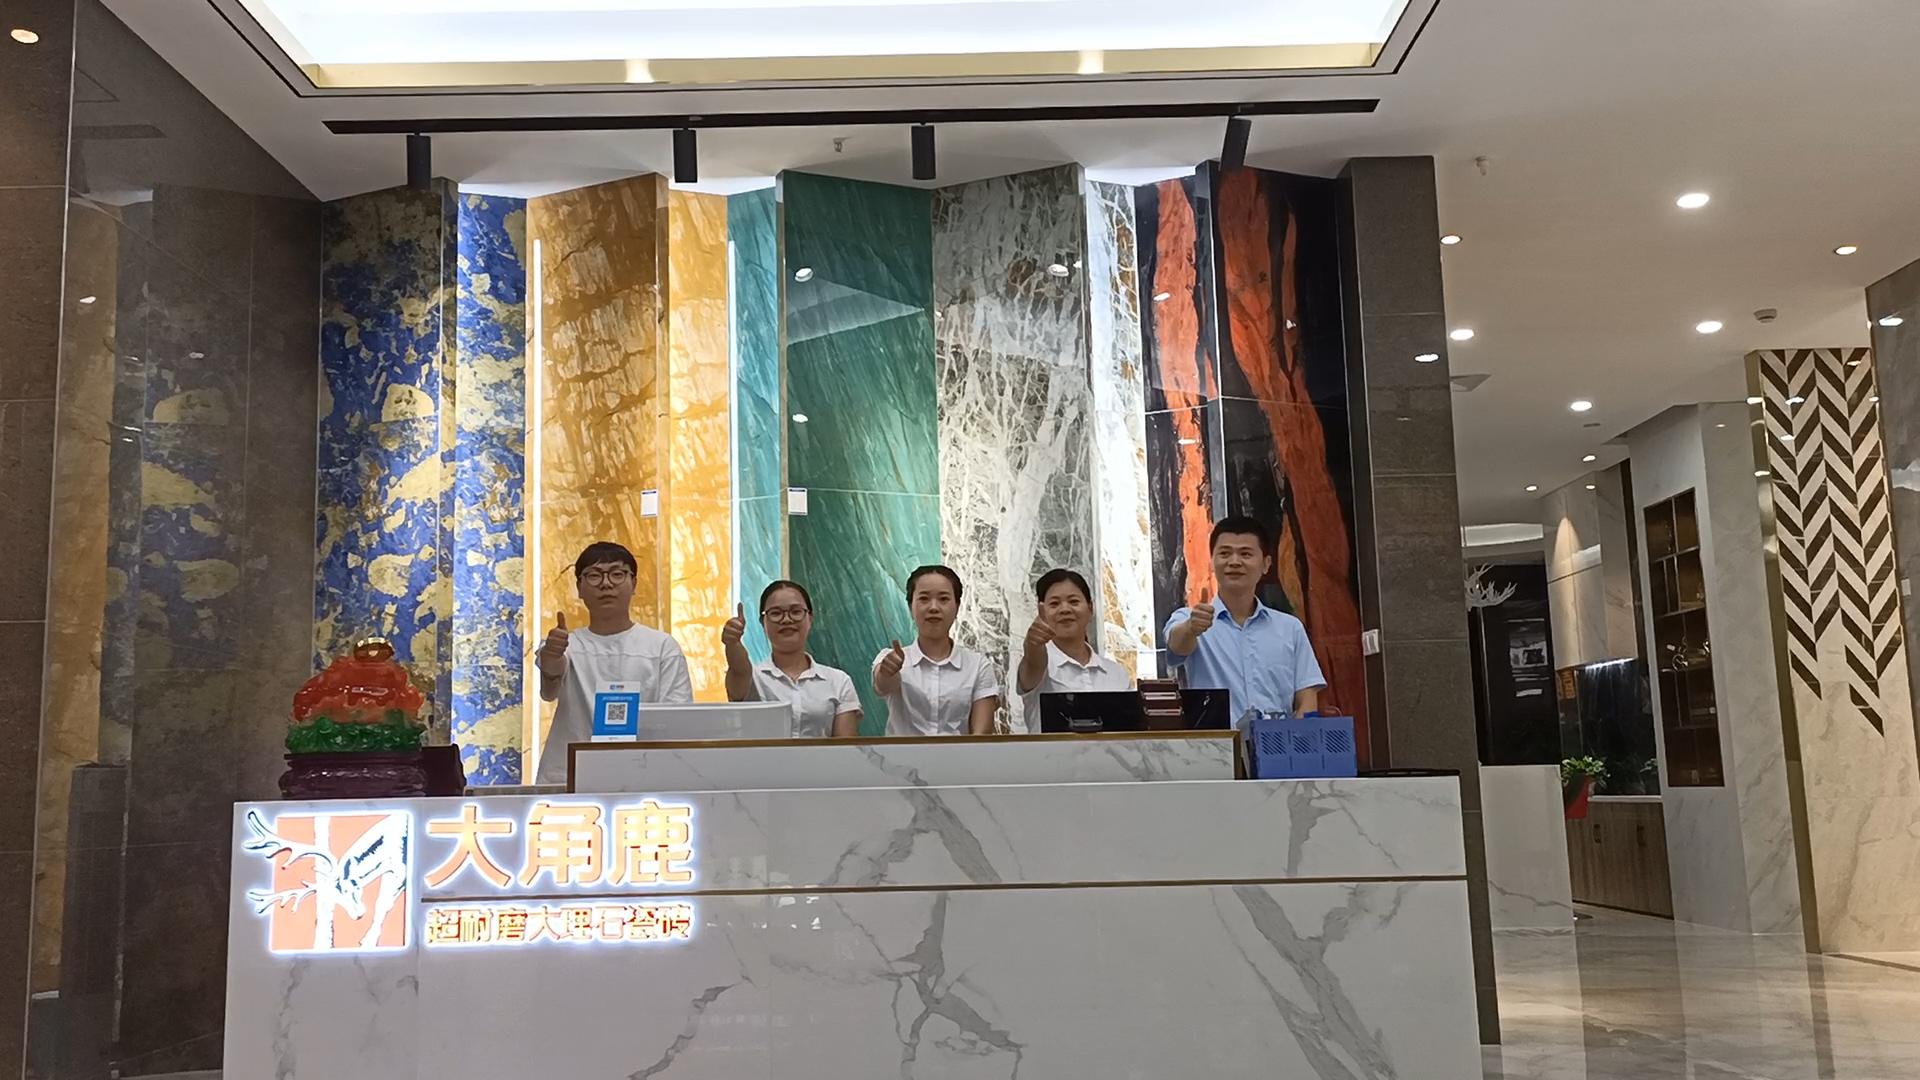 大角鹿超耐磨大理石瓷砖常州经销商舒定吕专访